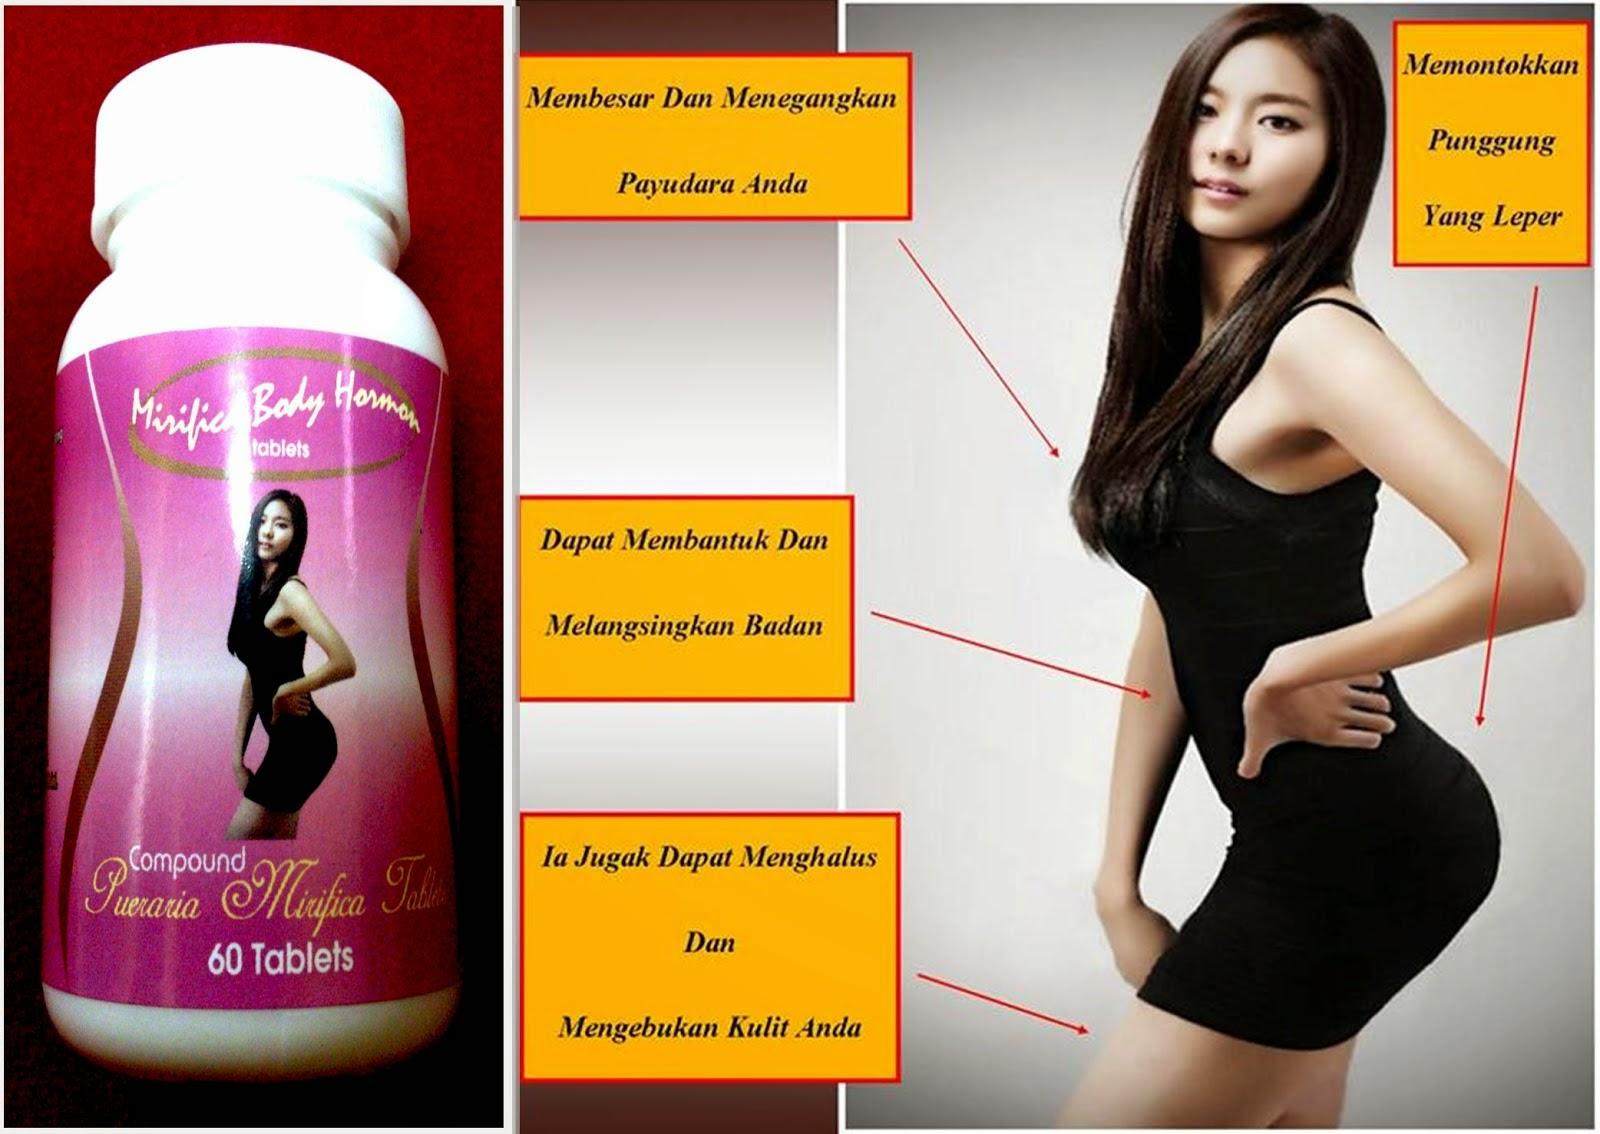 Mirifica Body Hormon